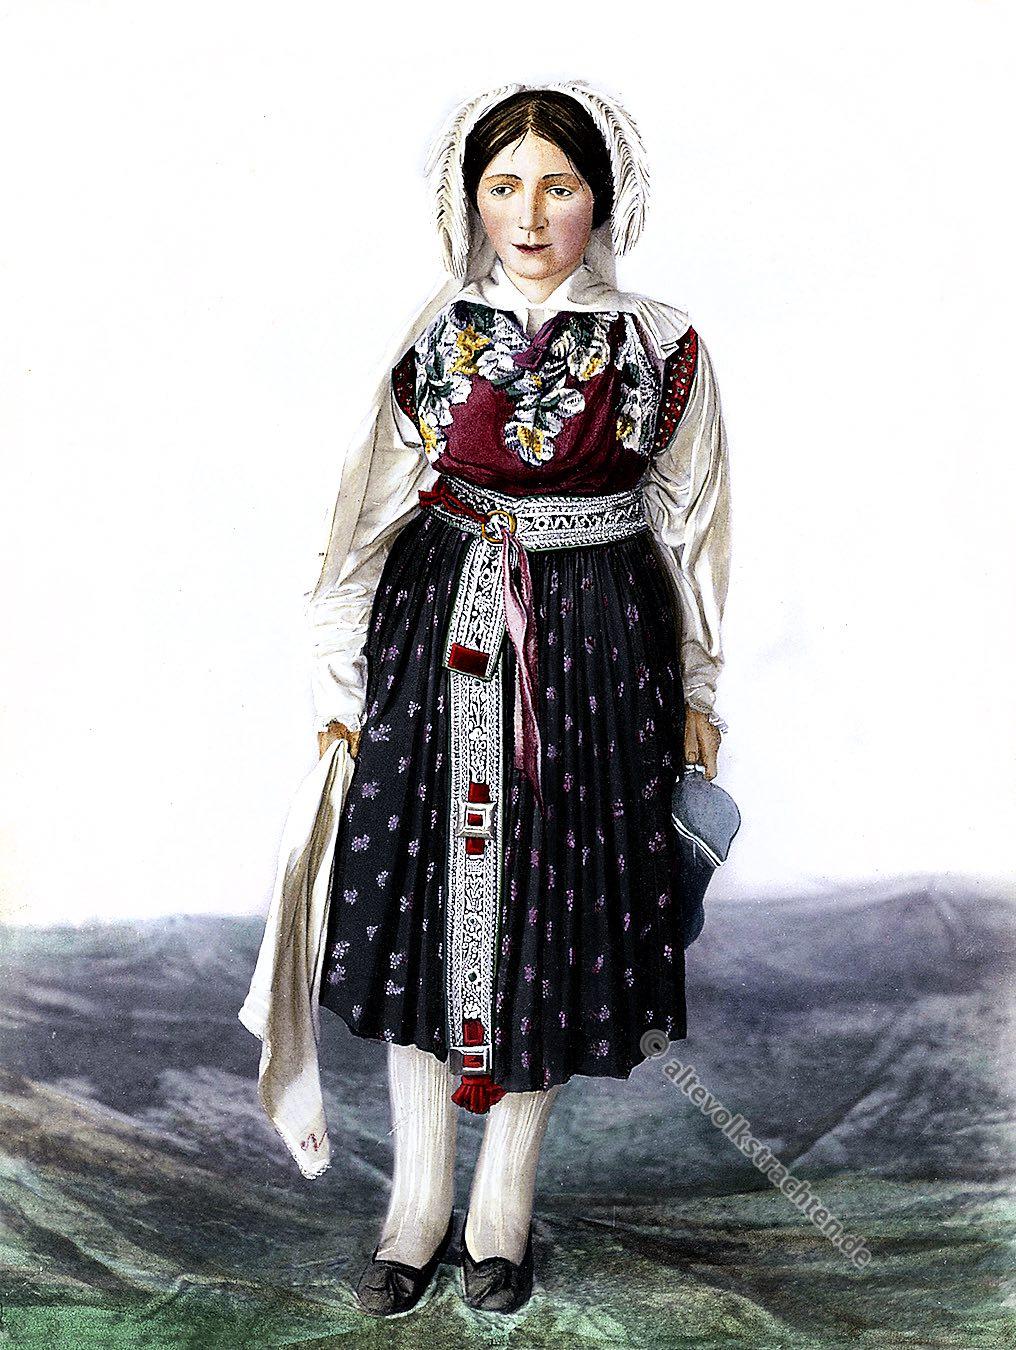 Brautkleid, Braut, Slowenien, historische Trachten, Torvald Mitreiter